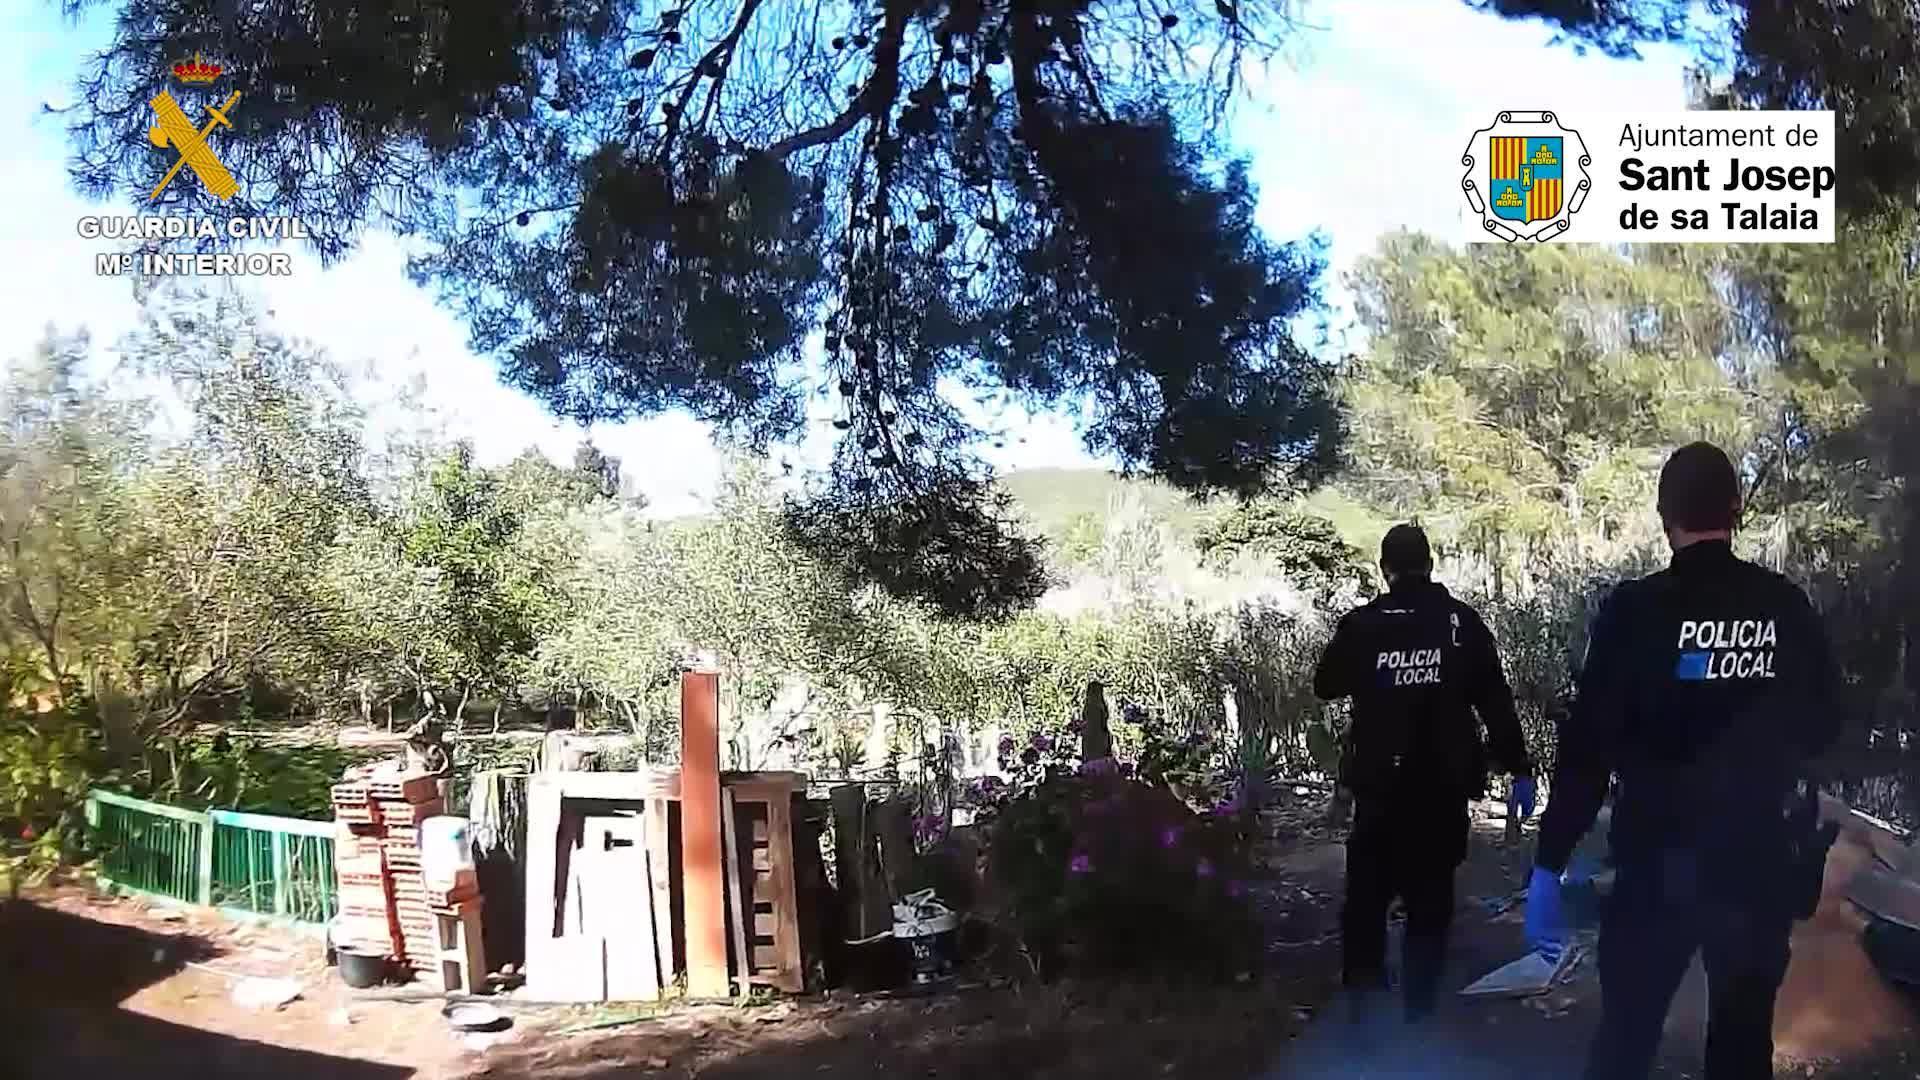 La Guardia Civil irrumpe en una fiesta celebrada en una villa de lujo en Ibiza